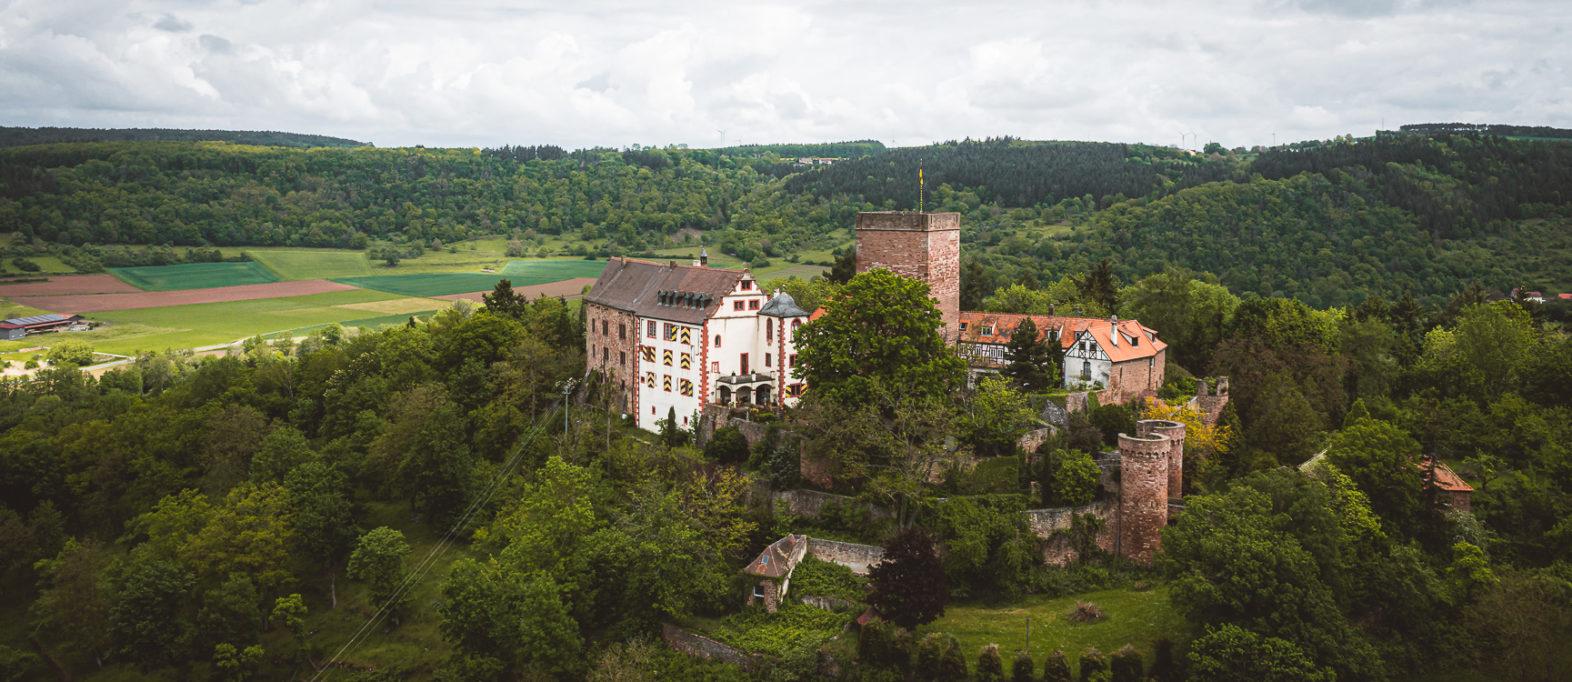 Burg Gamburg Sehenswürdigkeit Taubertal